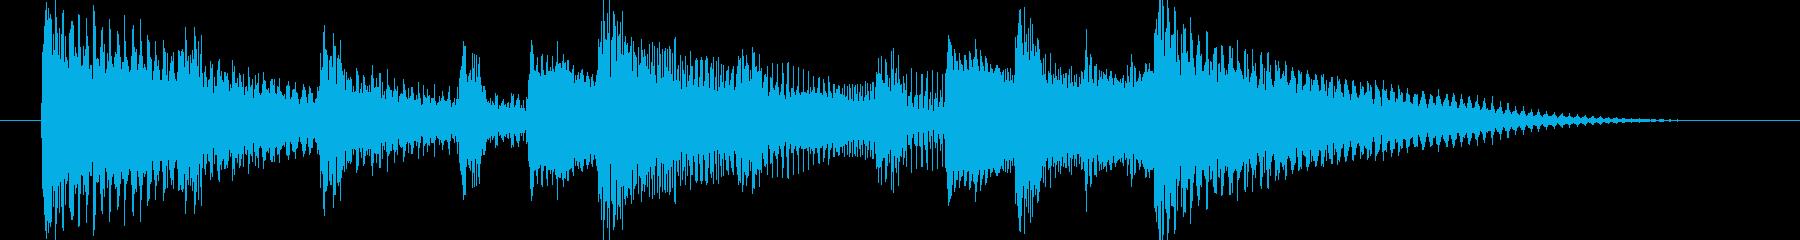 和む、でも少しクールなBGM-スティンガの再生済みの波形